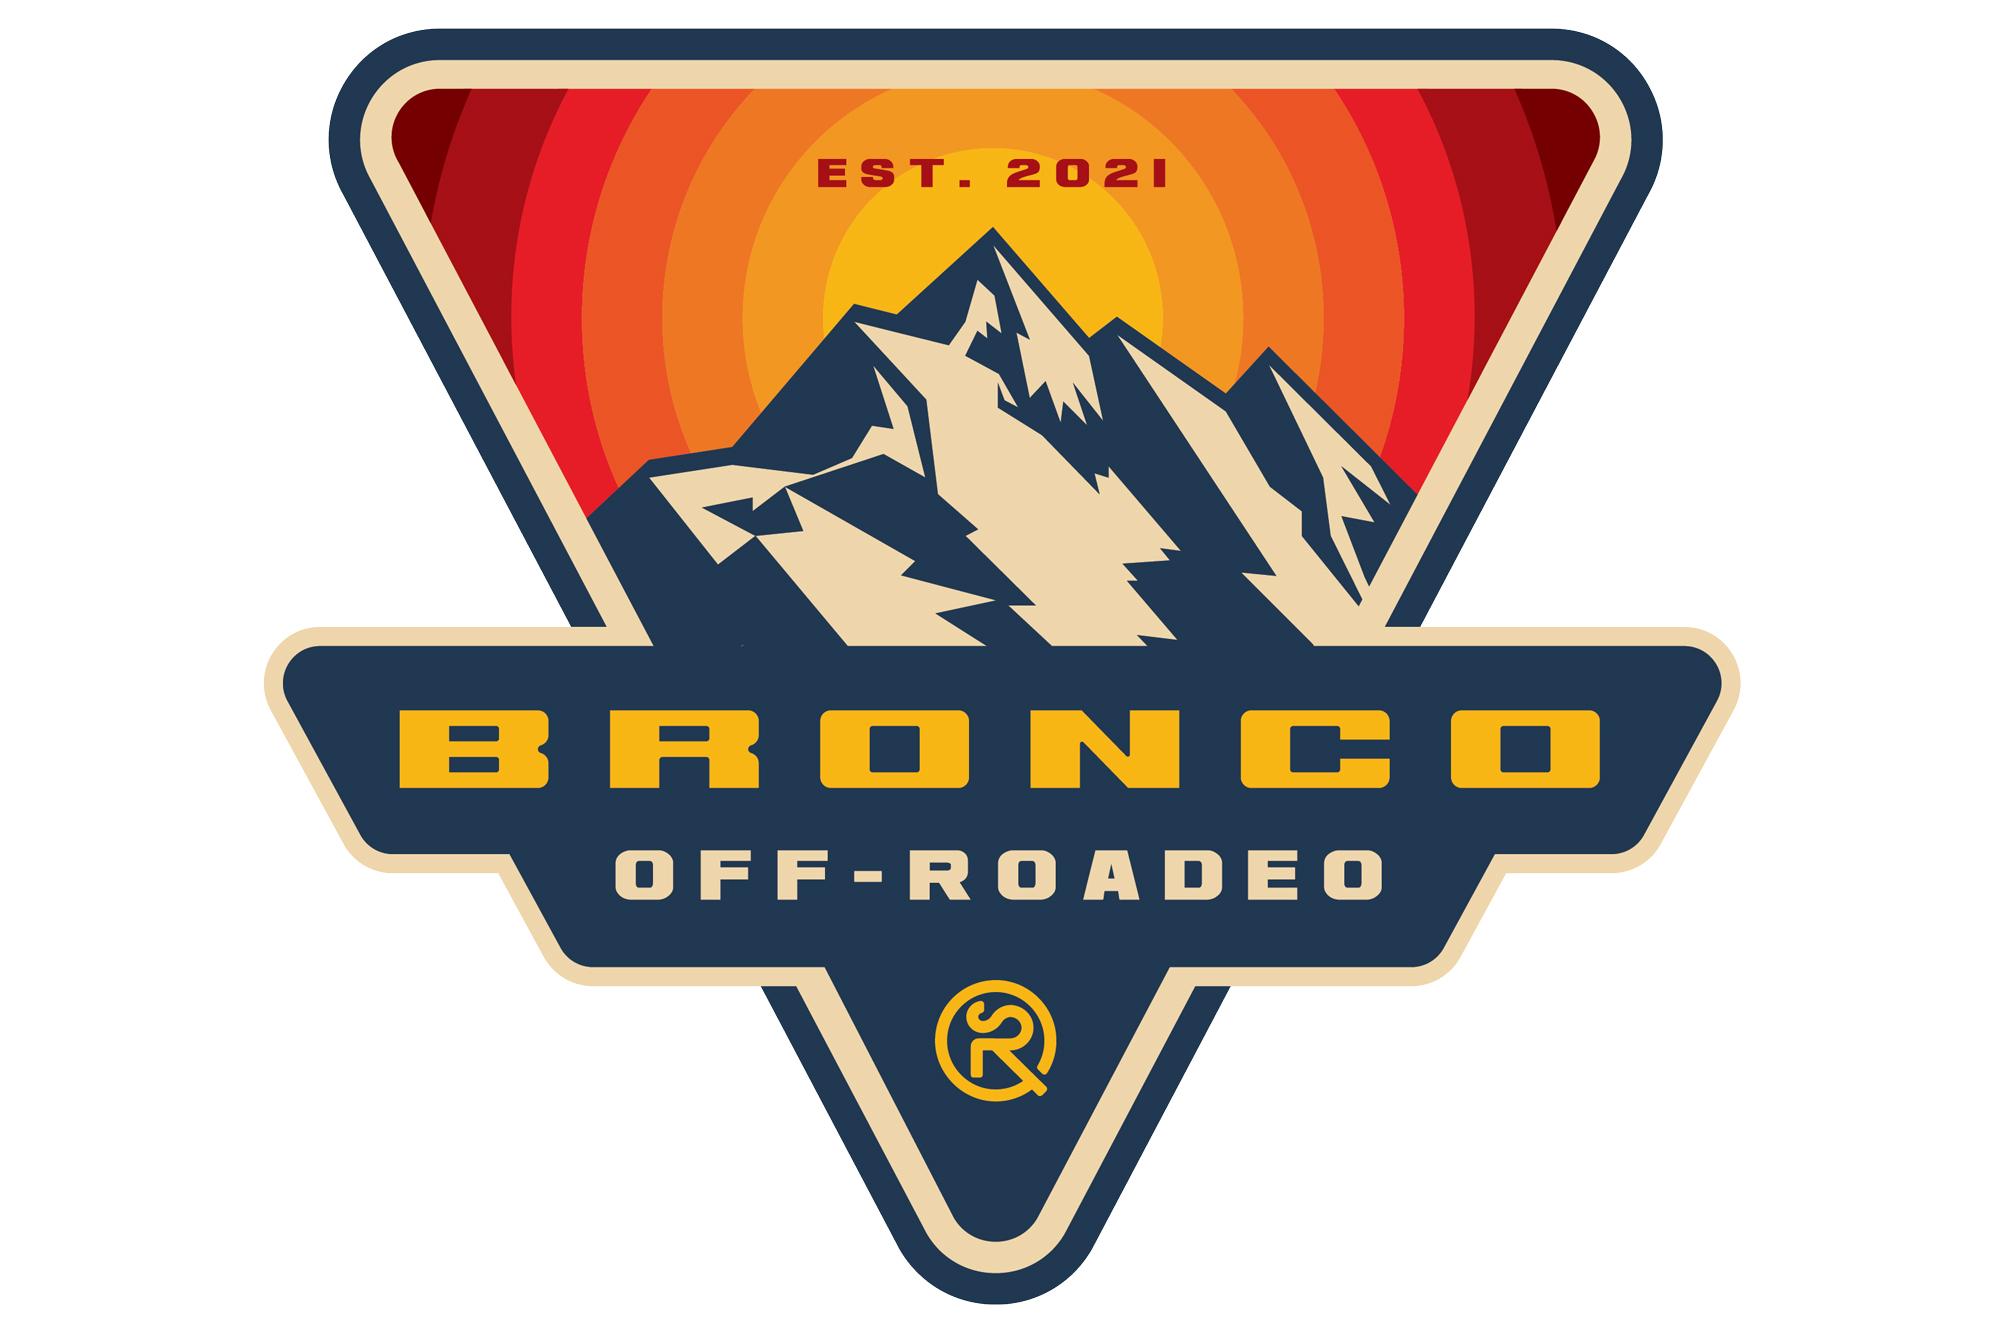 Ford Bronco Off-Roadeo logo